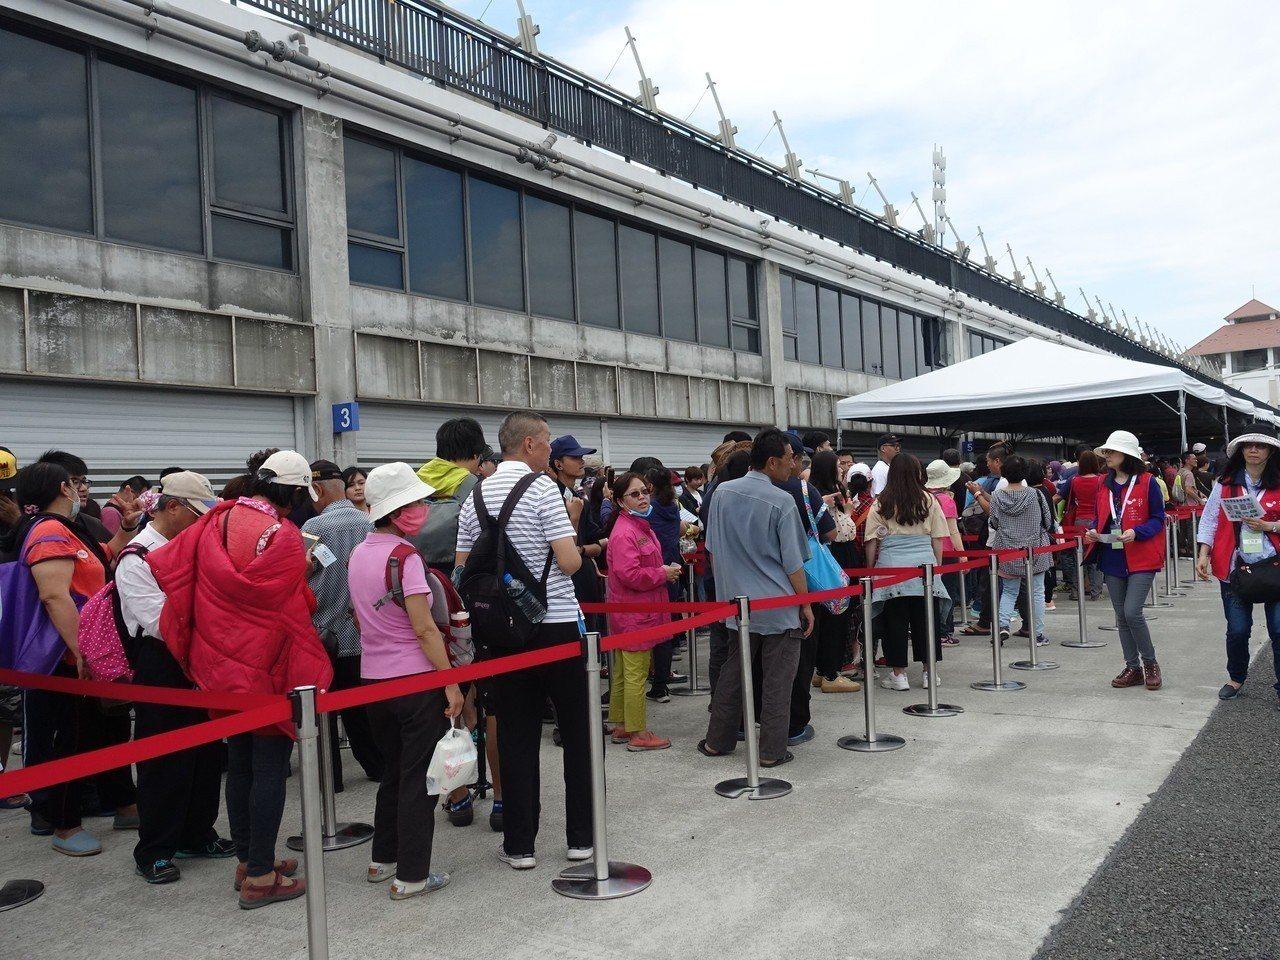 台灣燈會「屏安豬」小提燈今天下午3時開始發放,吸引民眾大排長龍。記者翁禎霞/攝影